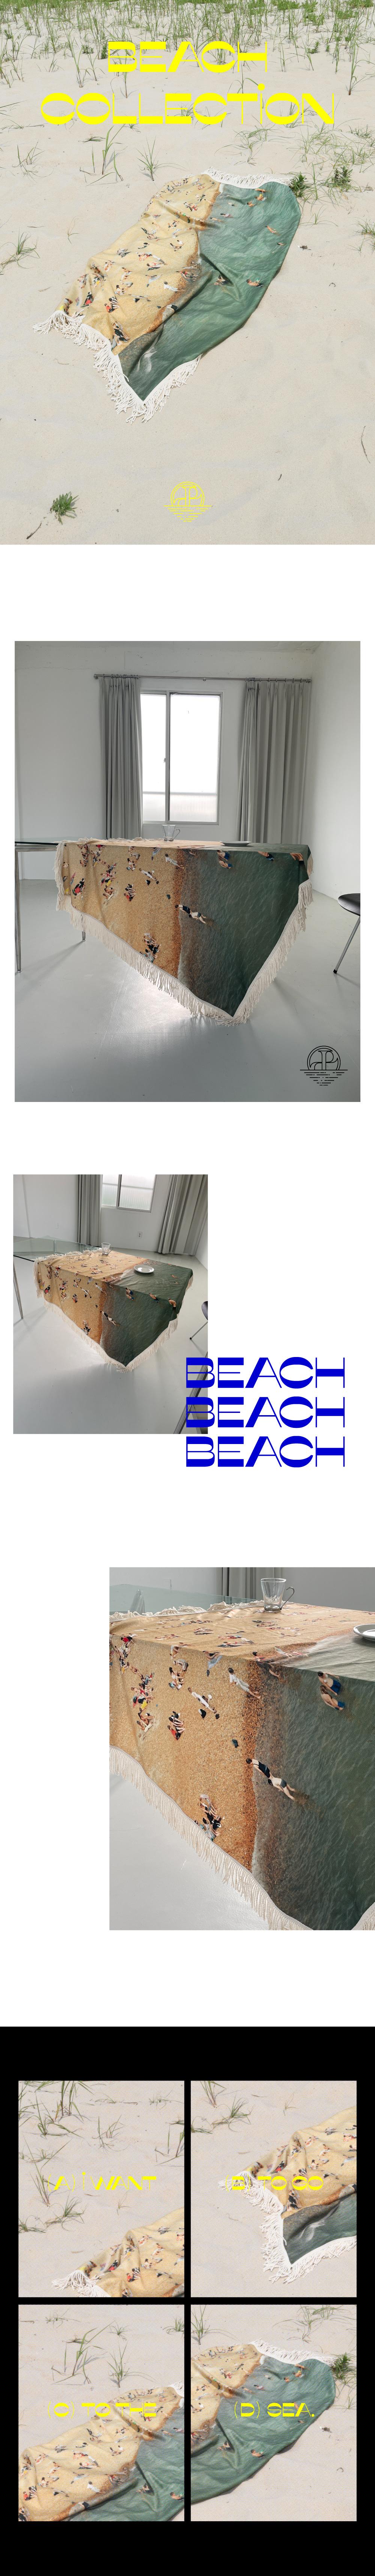 플리즈프로젝트(PLZPROJECT) summer beach blanket